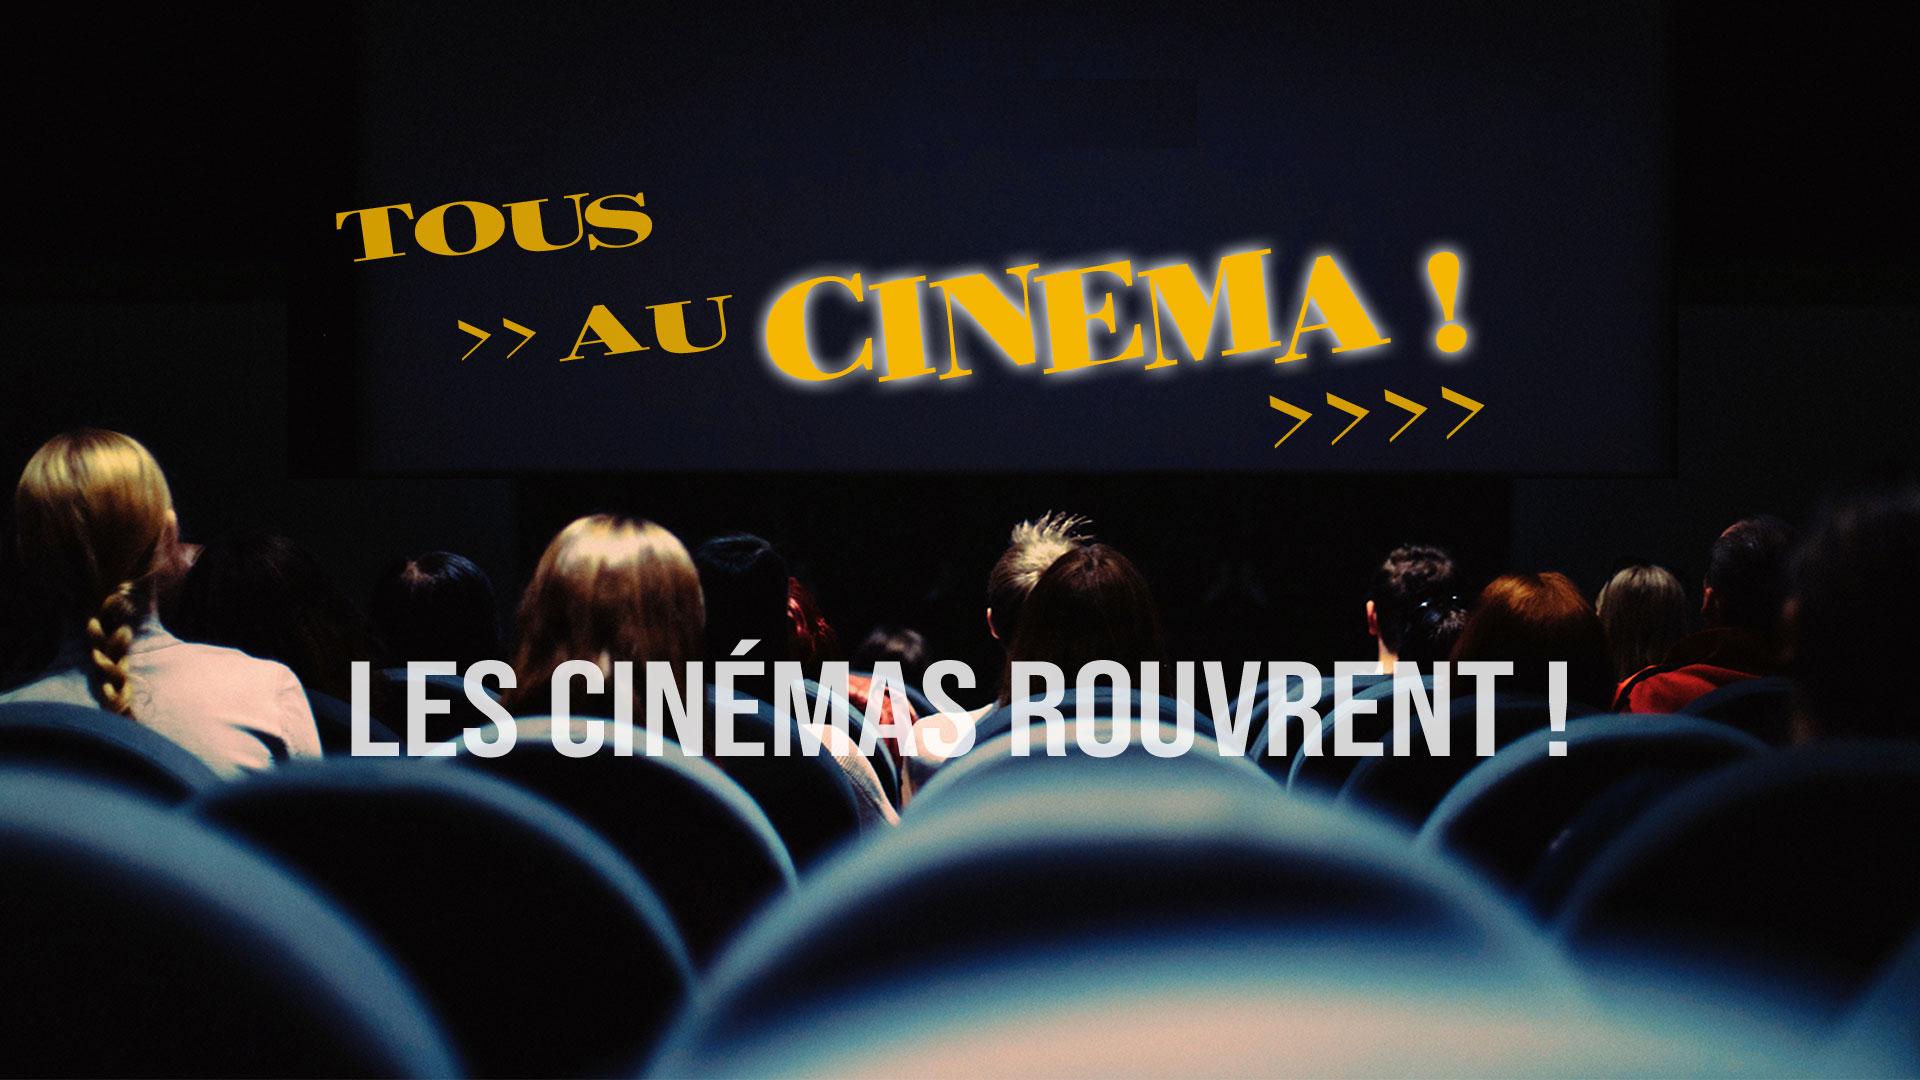 Tous au cinéma, les cinémas rouvrent !